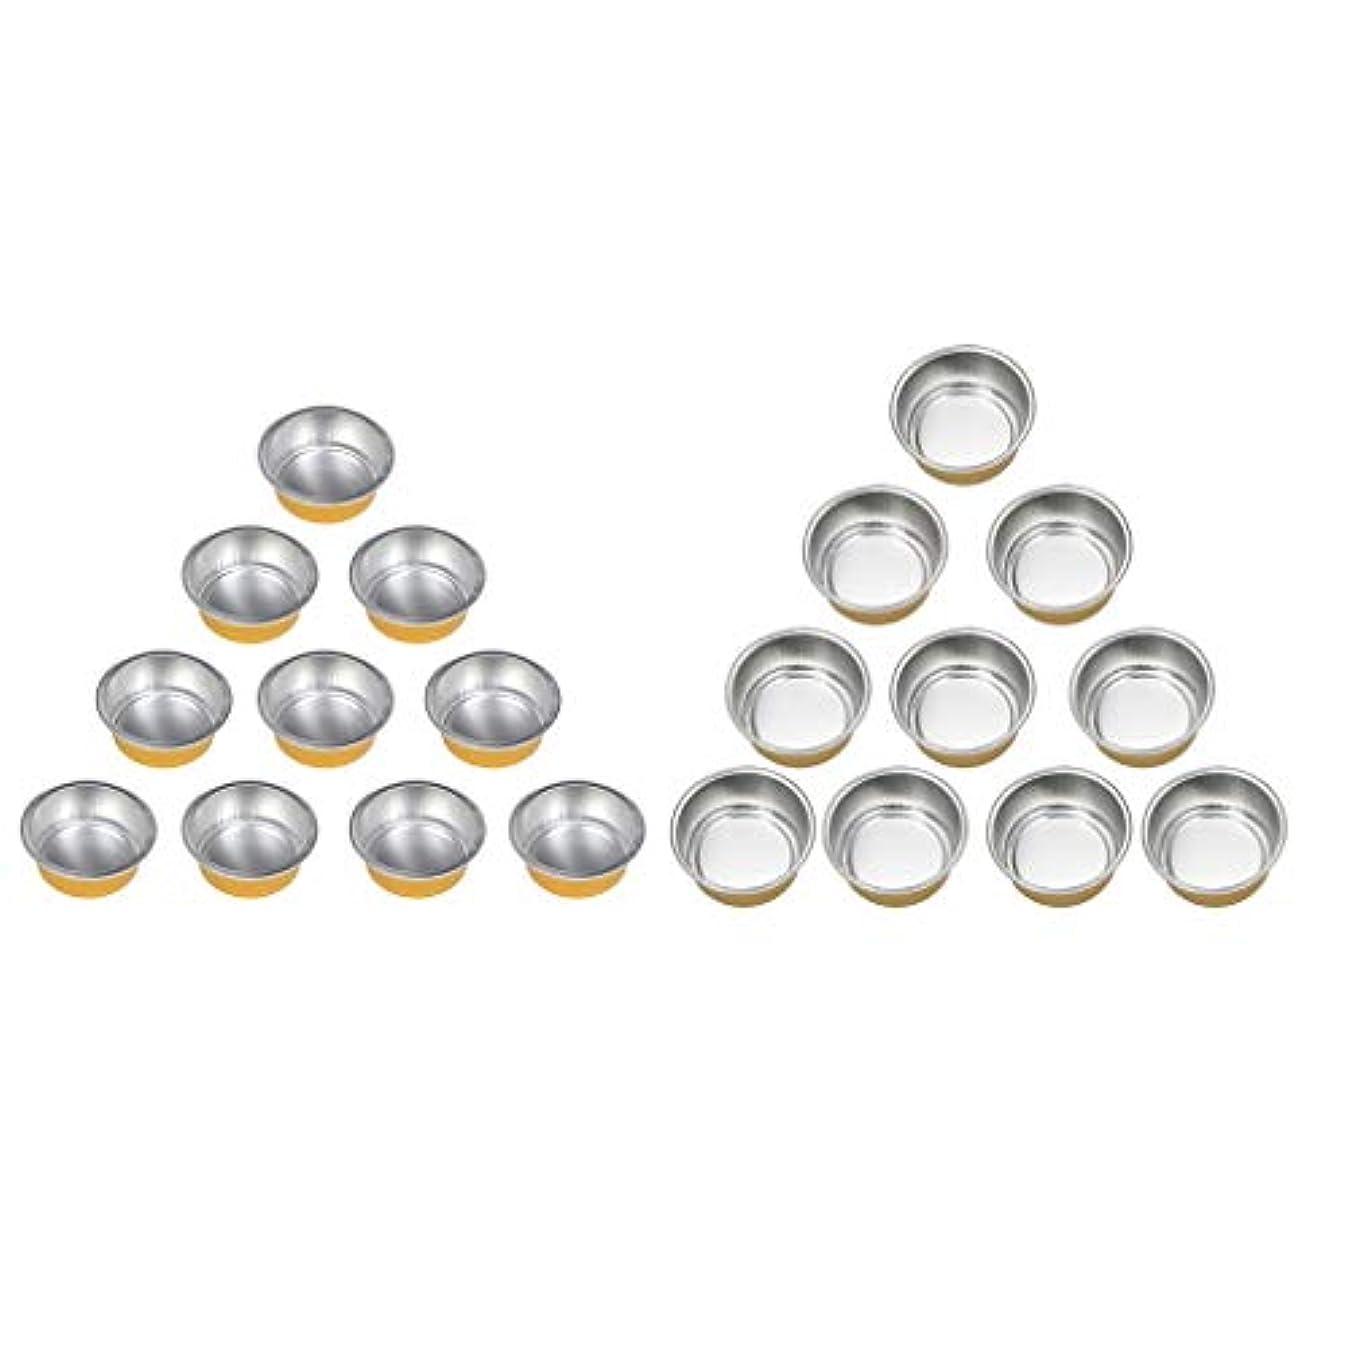 コインけがをする提唱するdailymall ワックスヒーターマシン用20pcsホットアルミ箔ワックス溶解マグボウルポットスズ